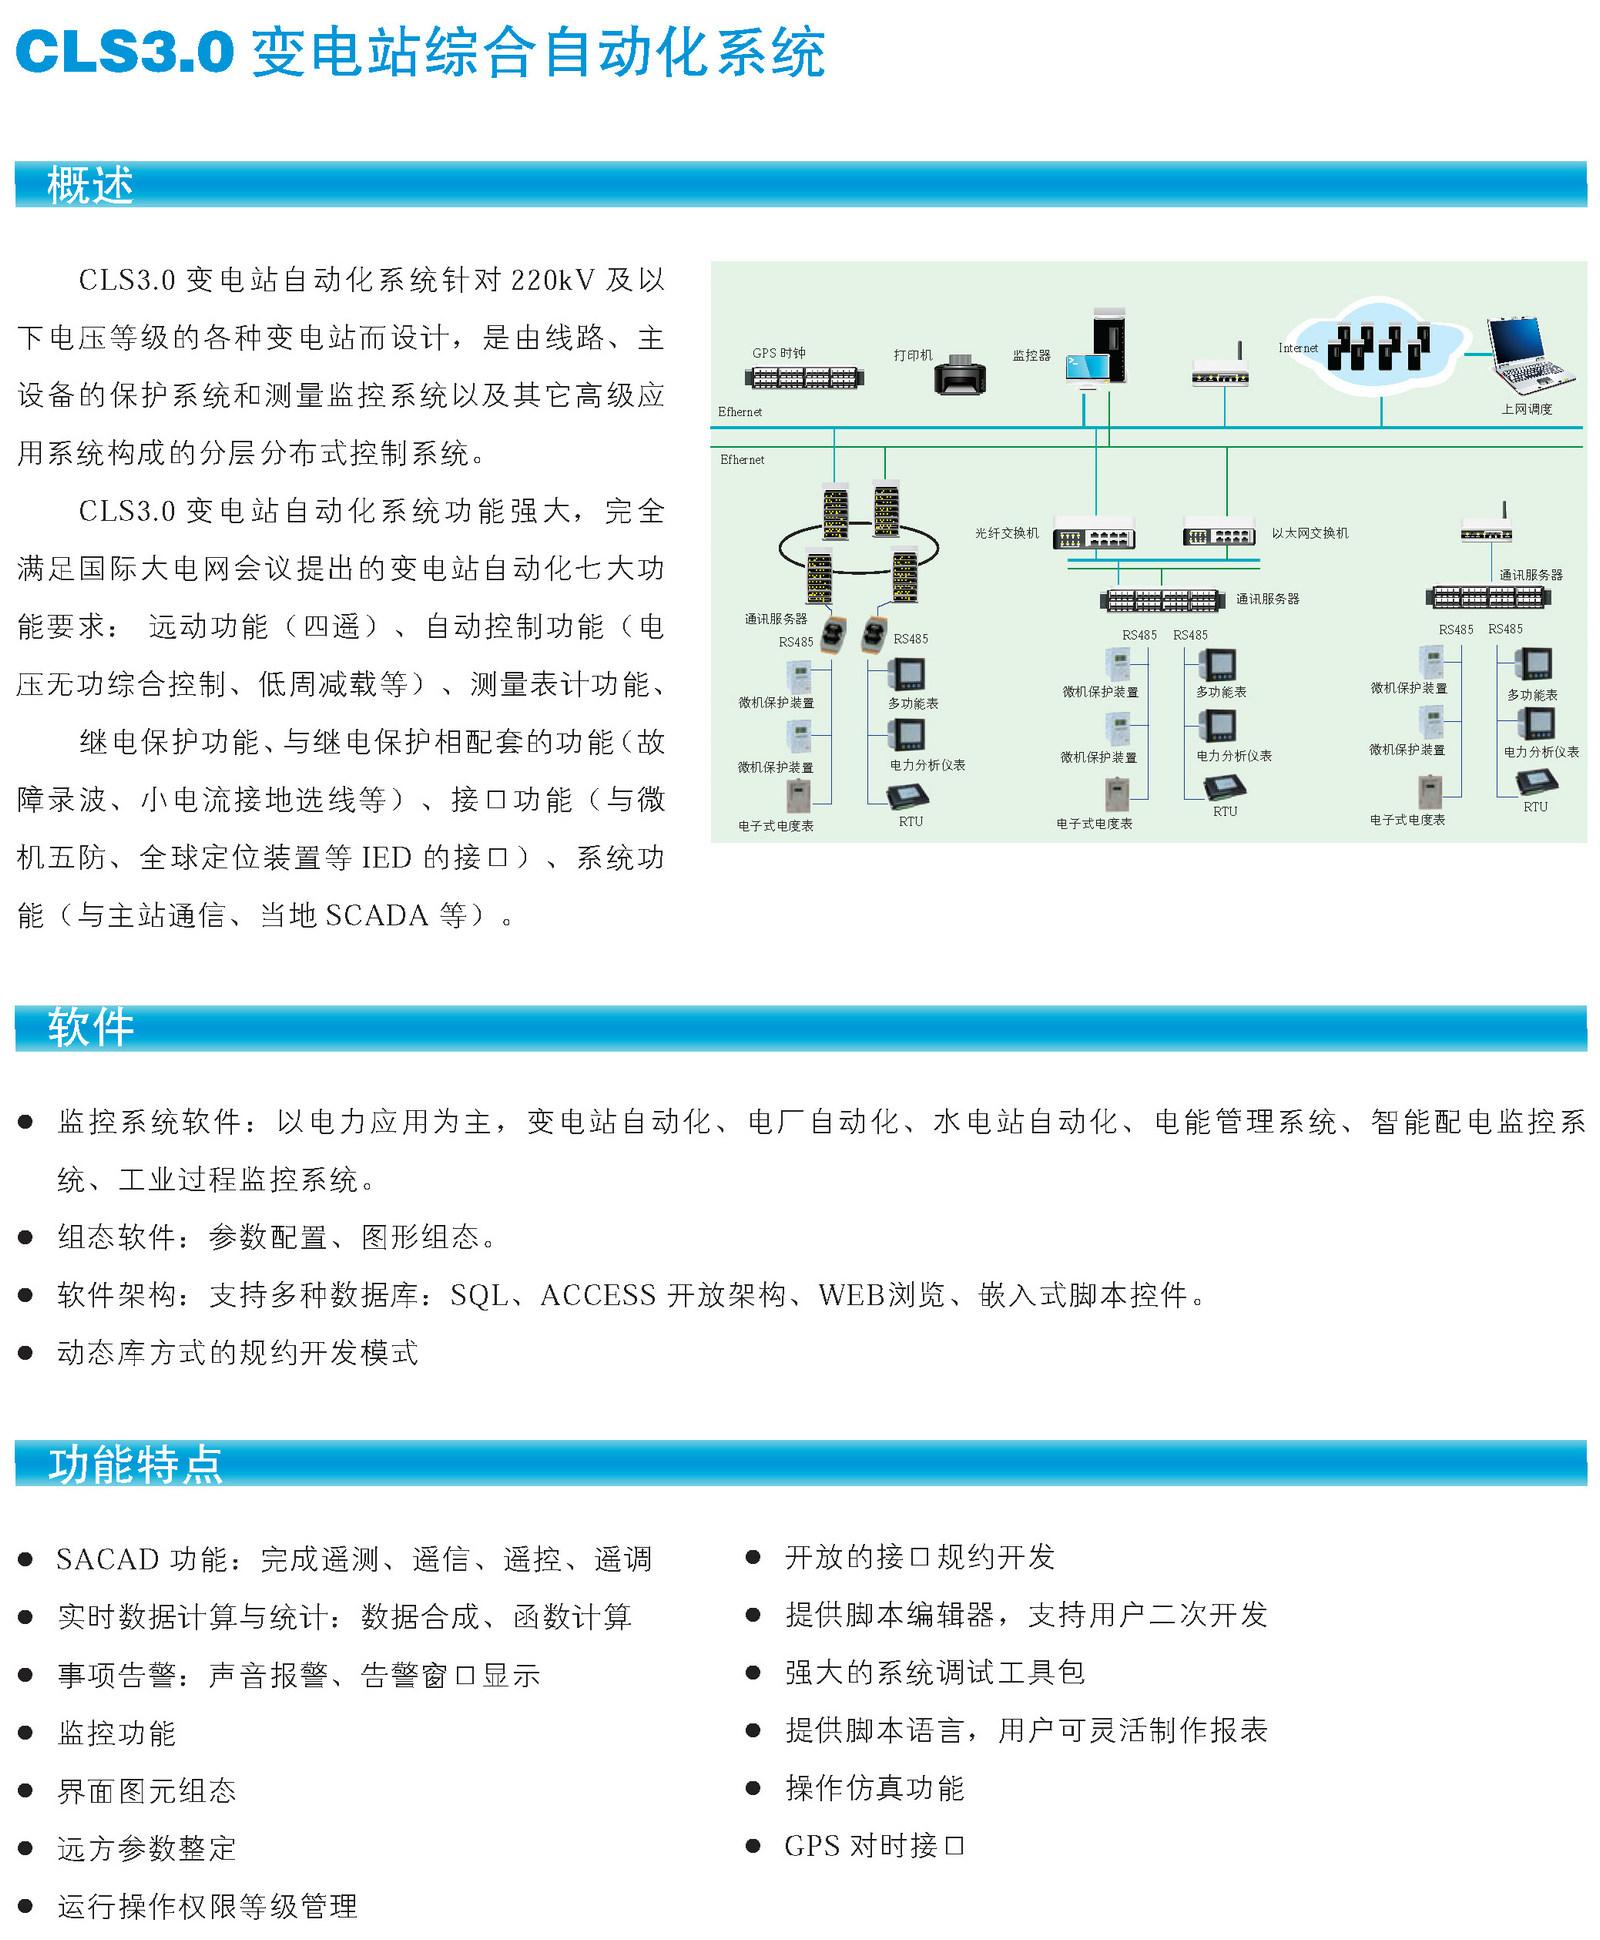 CLS3.0变电站综合自动化系统1_副本